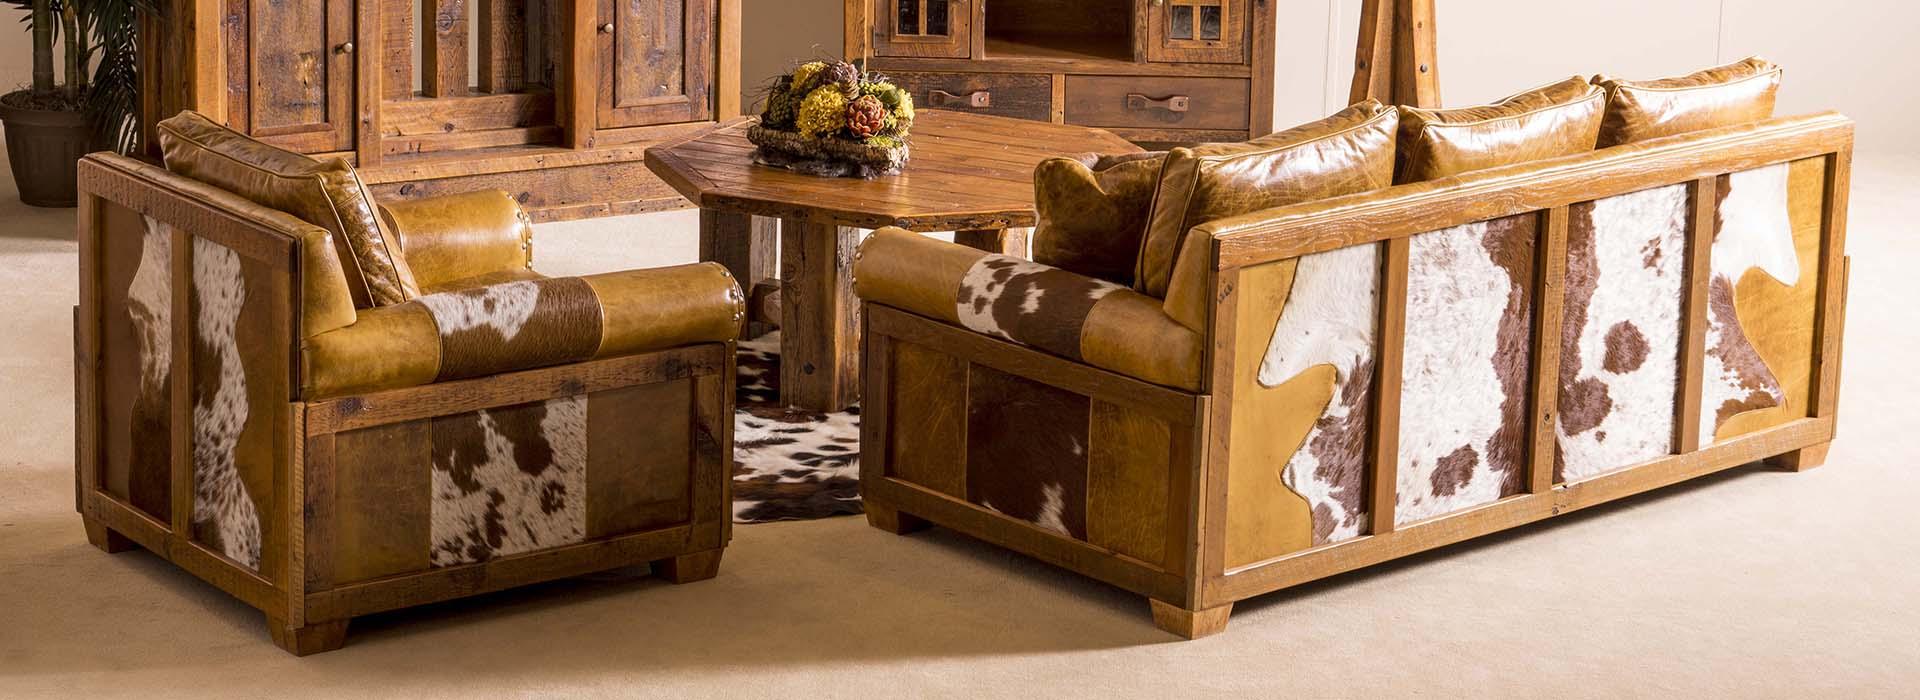 rustic furniture pics. ABOUT: Rustic Furniture Pics